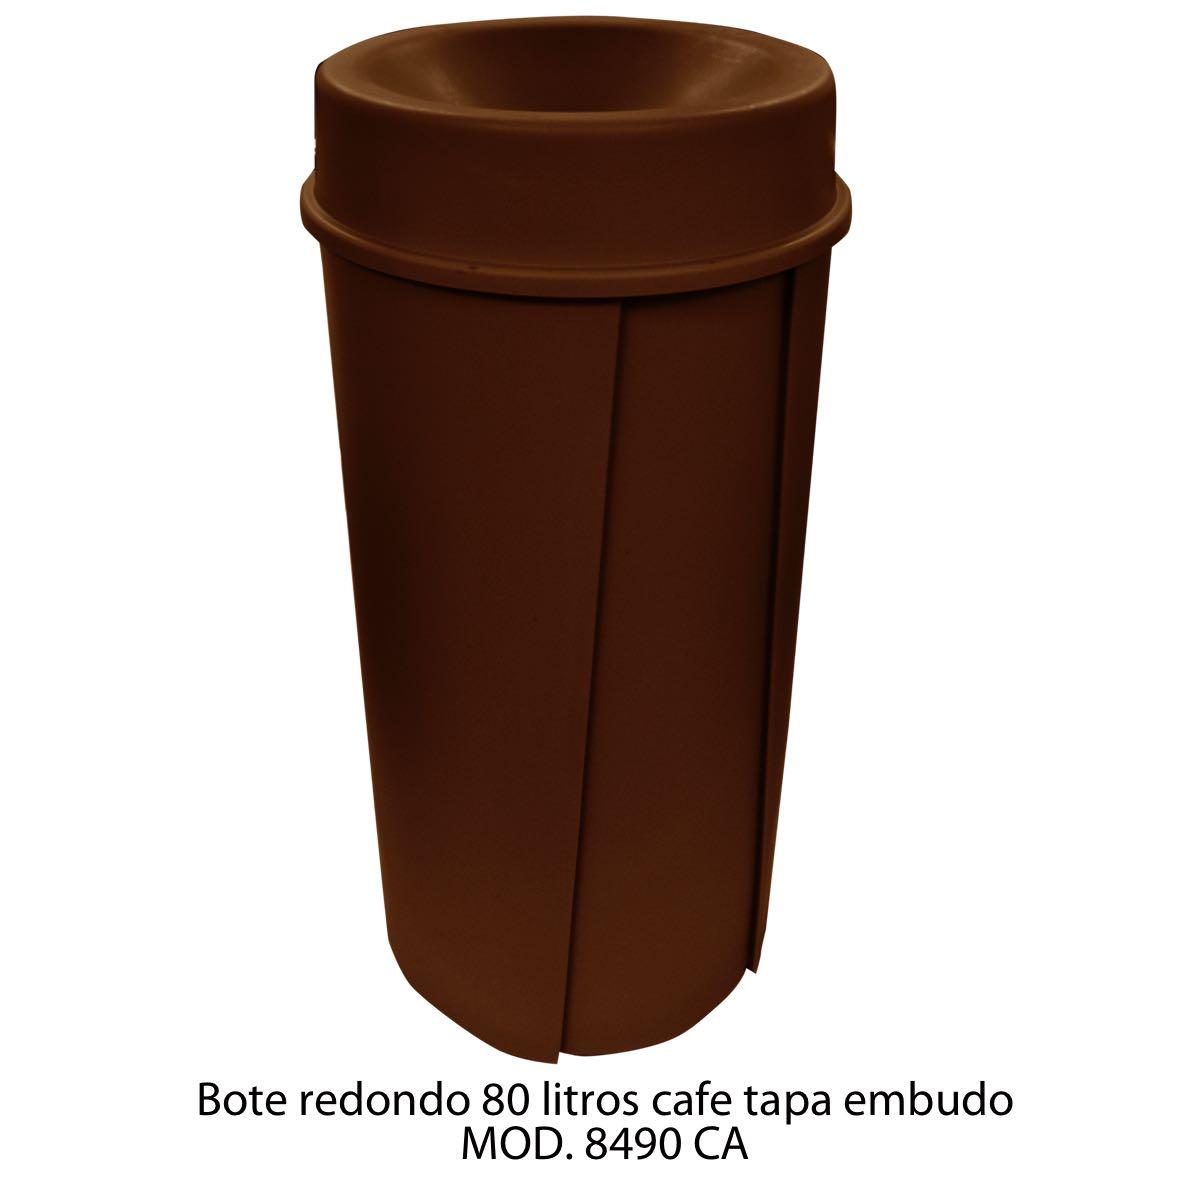 Bote de basura redondo de 80 litros con tapa embudo color cafe modelo 8490 CA Sablón